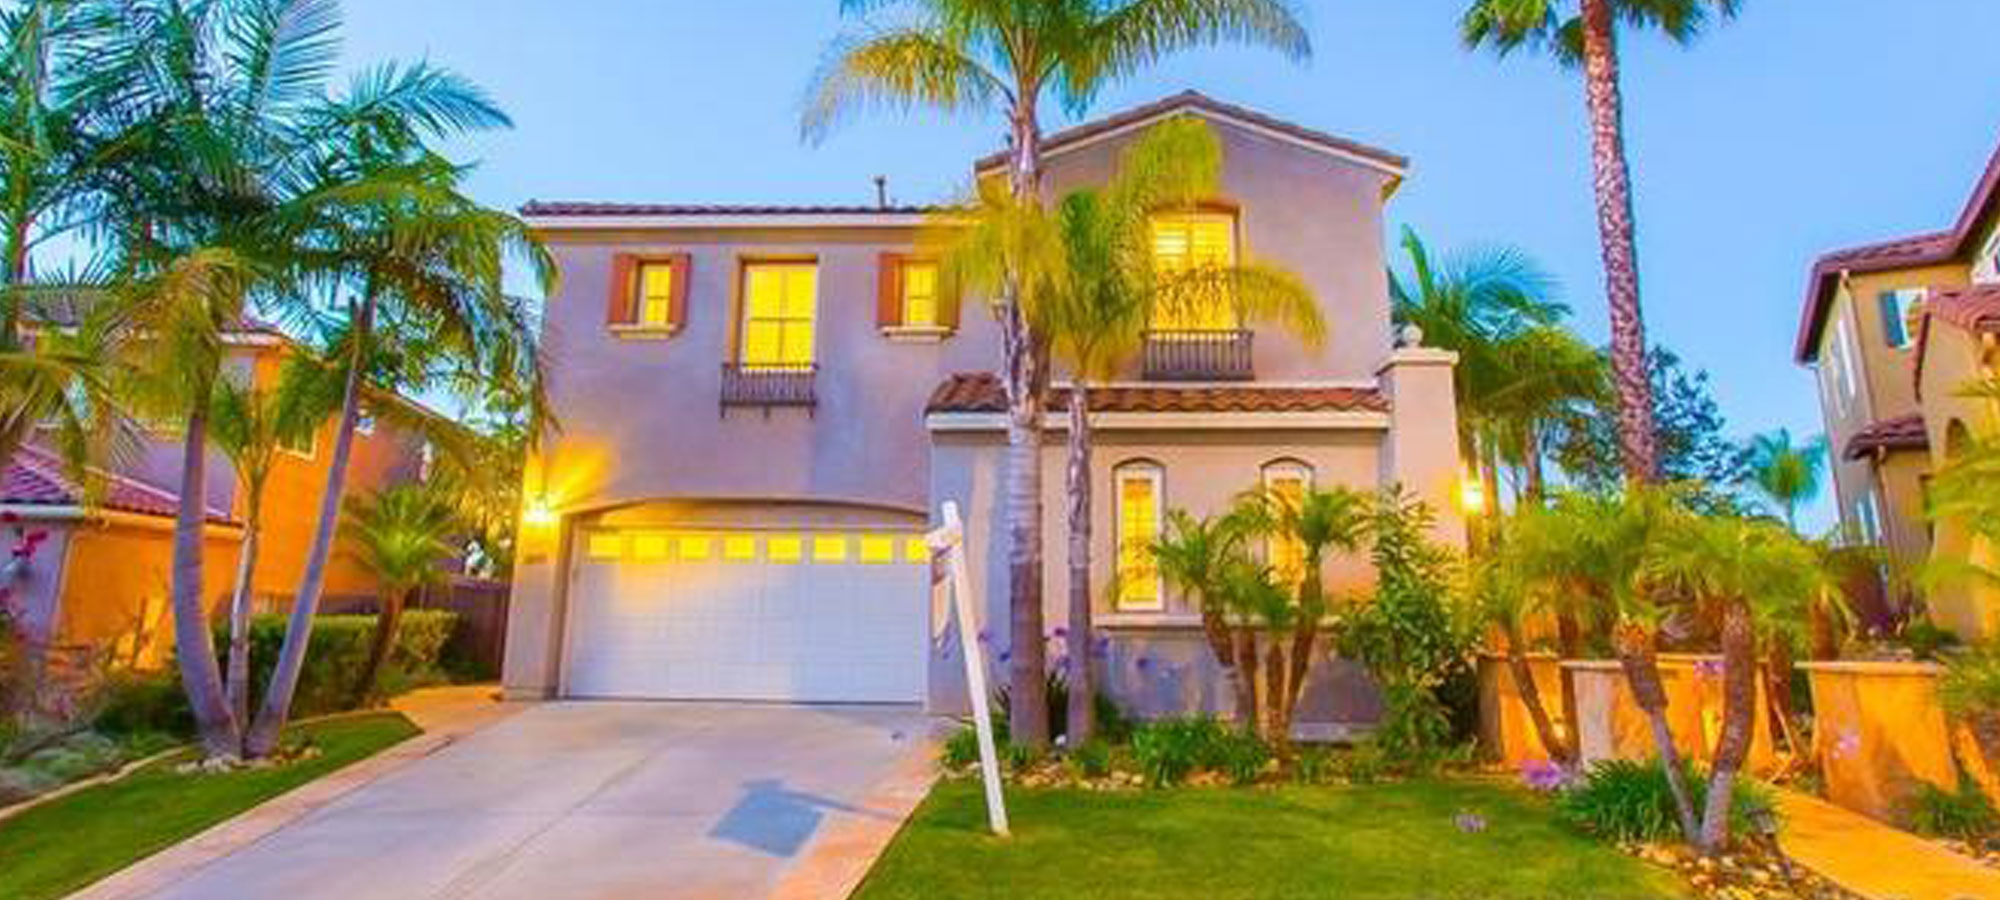 12853 Starwood Ln San Diego, CA 92131